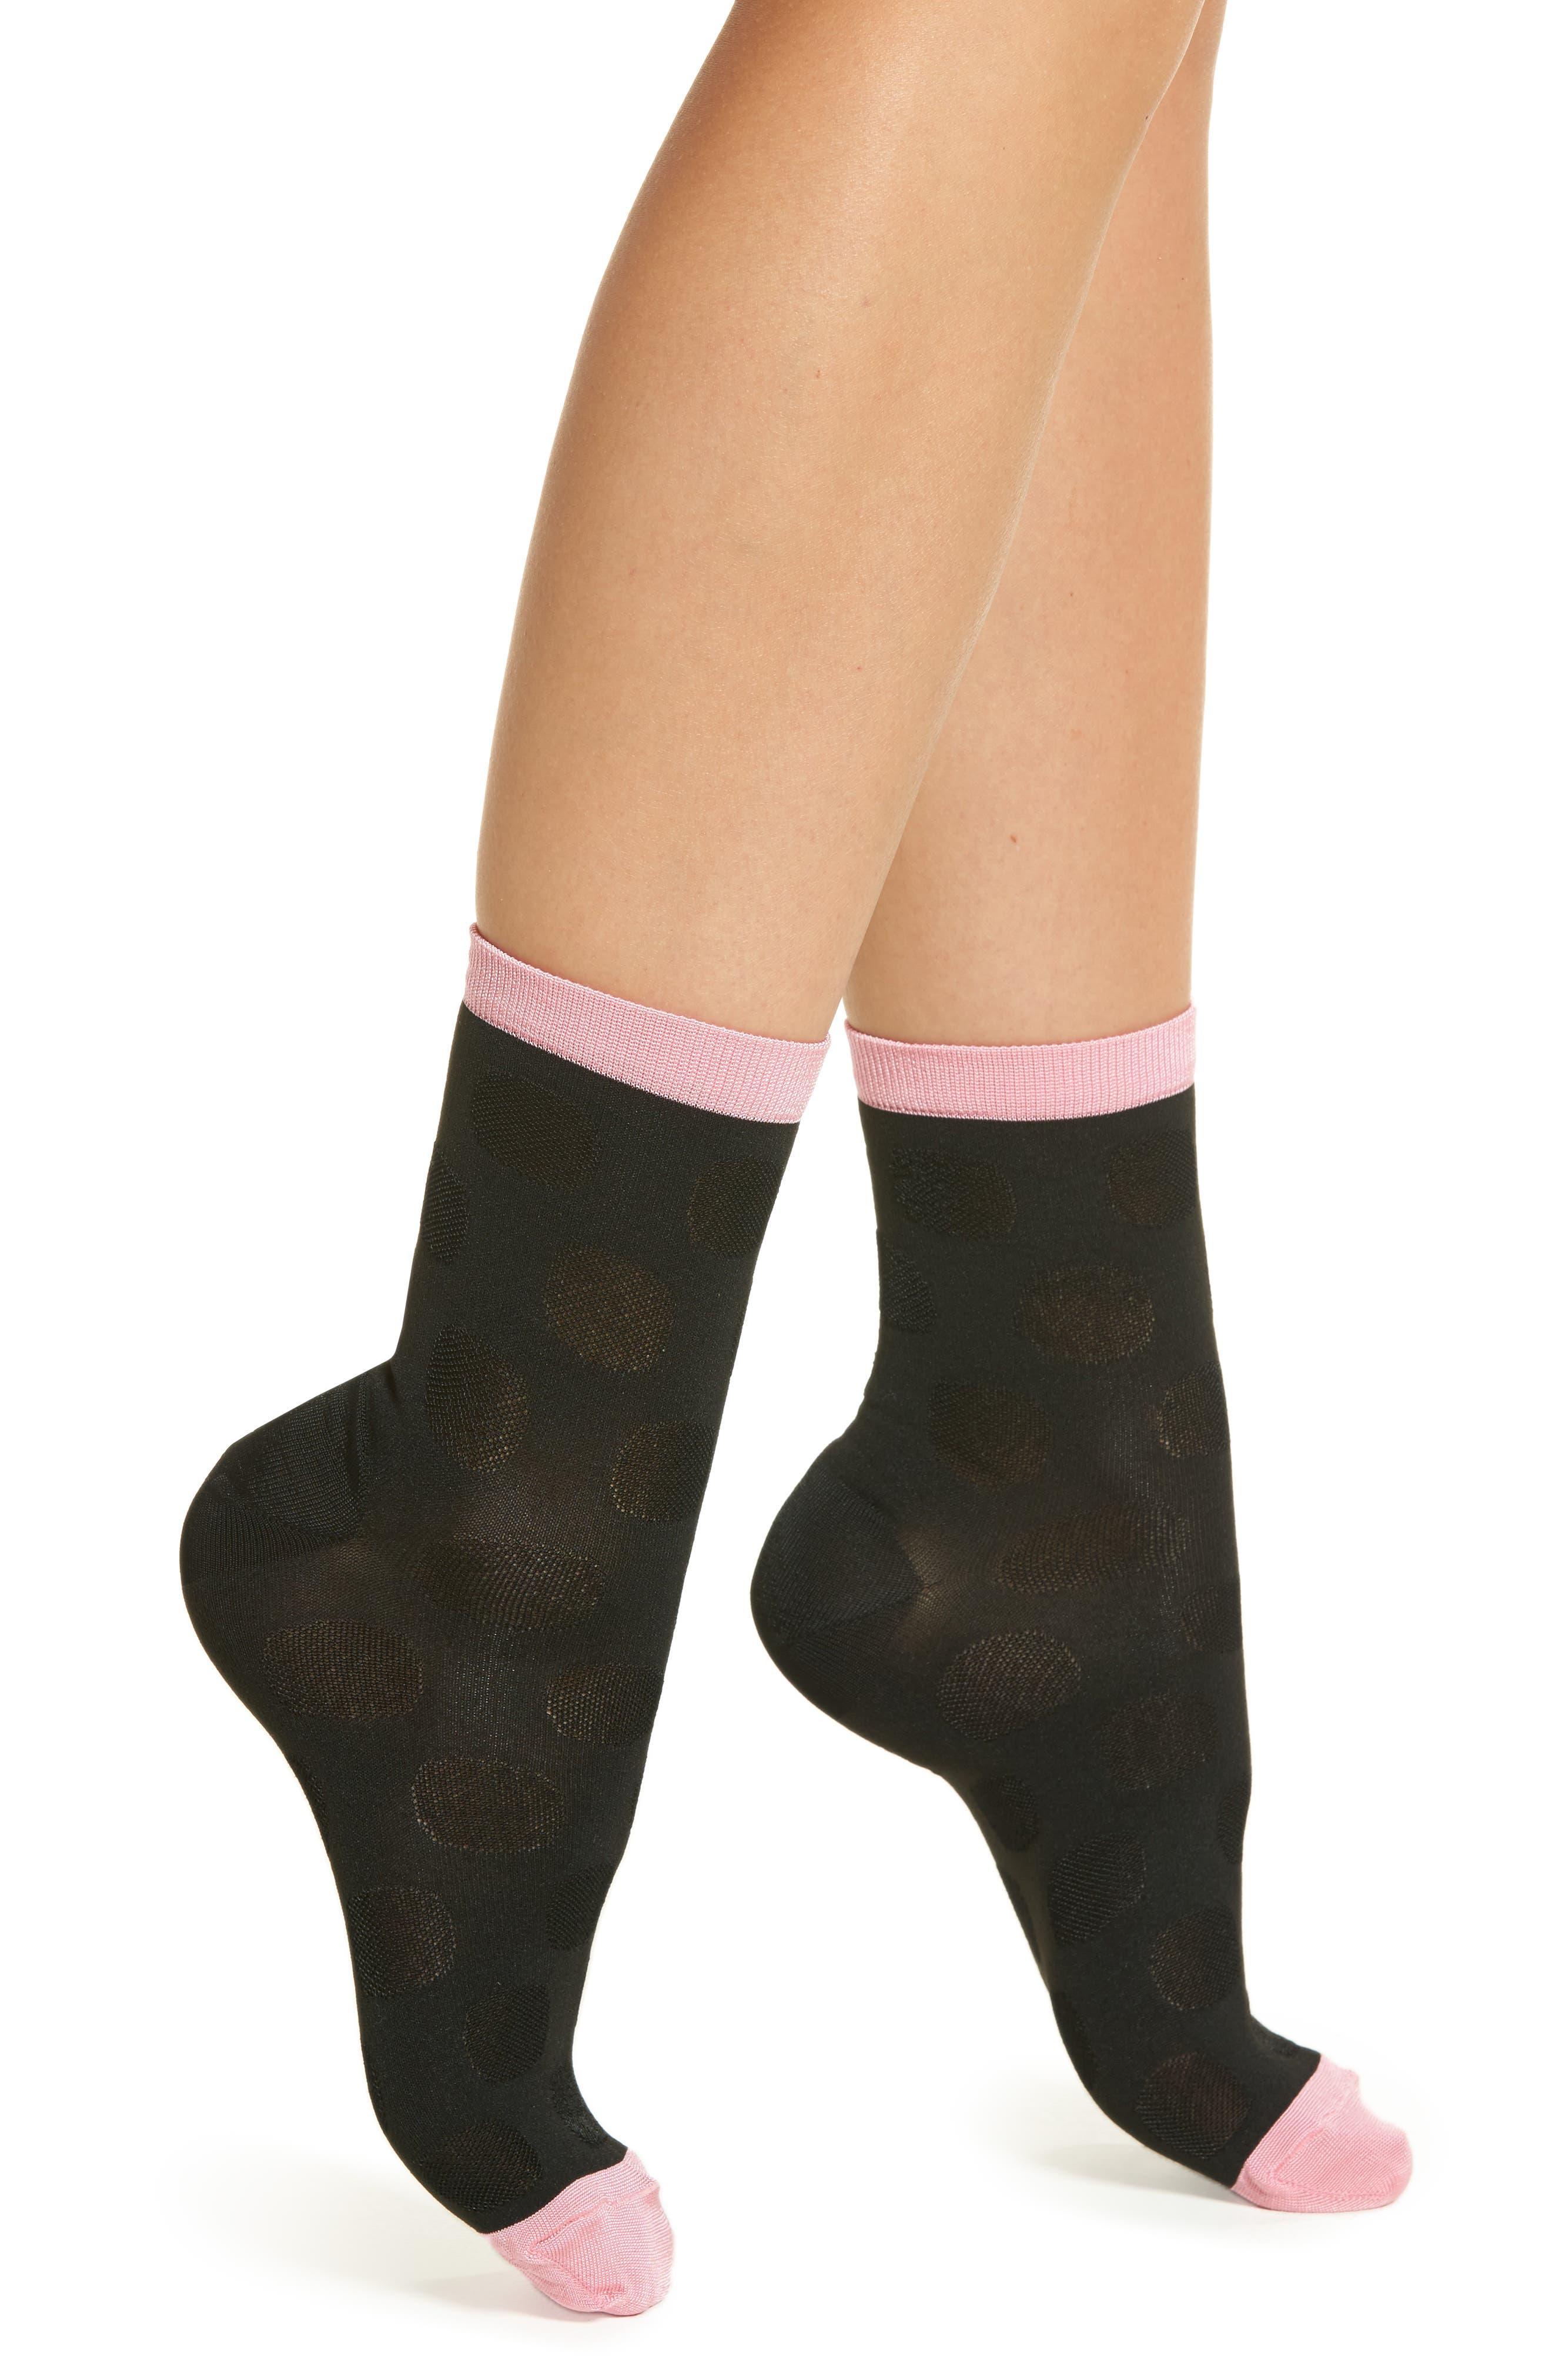 Viktoria Ankle Socks,                             Main thumbnail 1, color,                             016